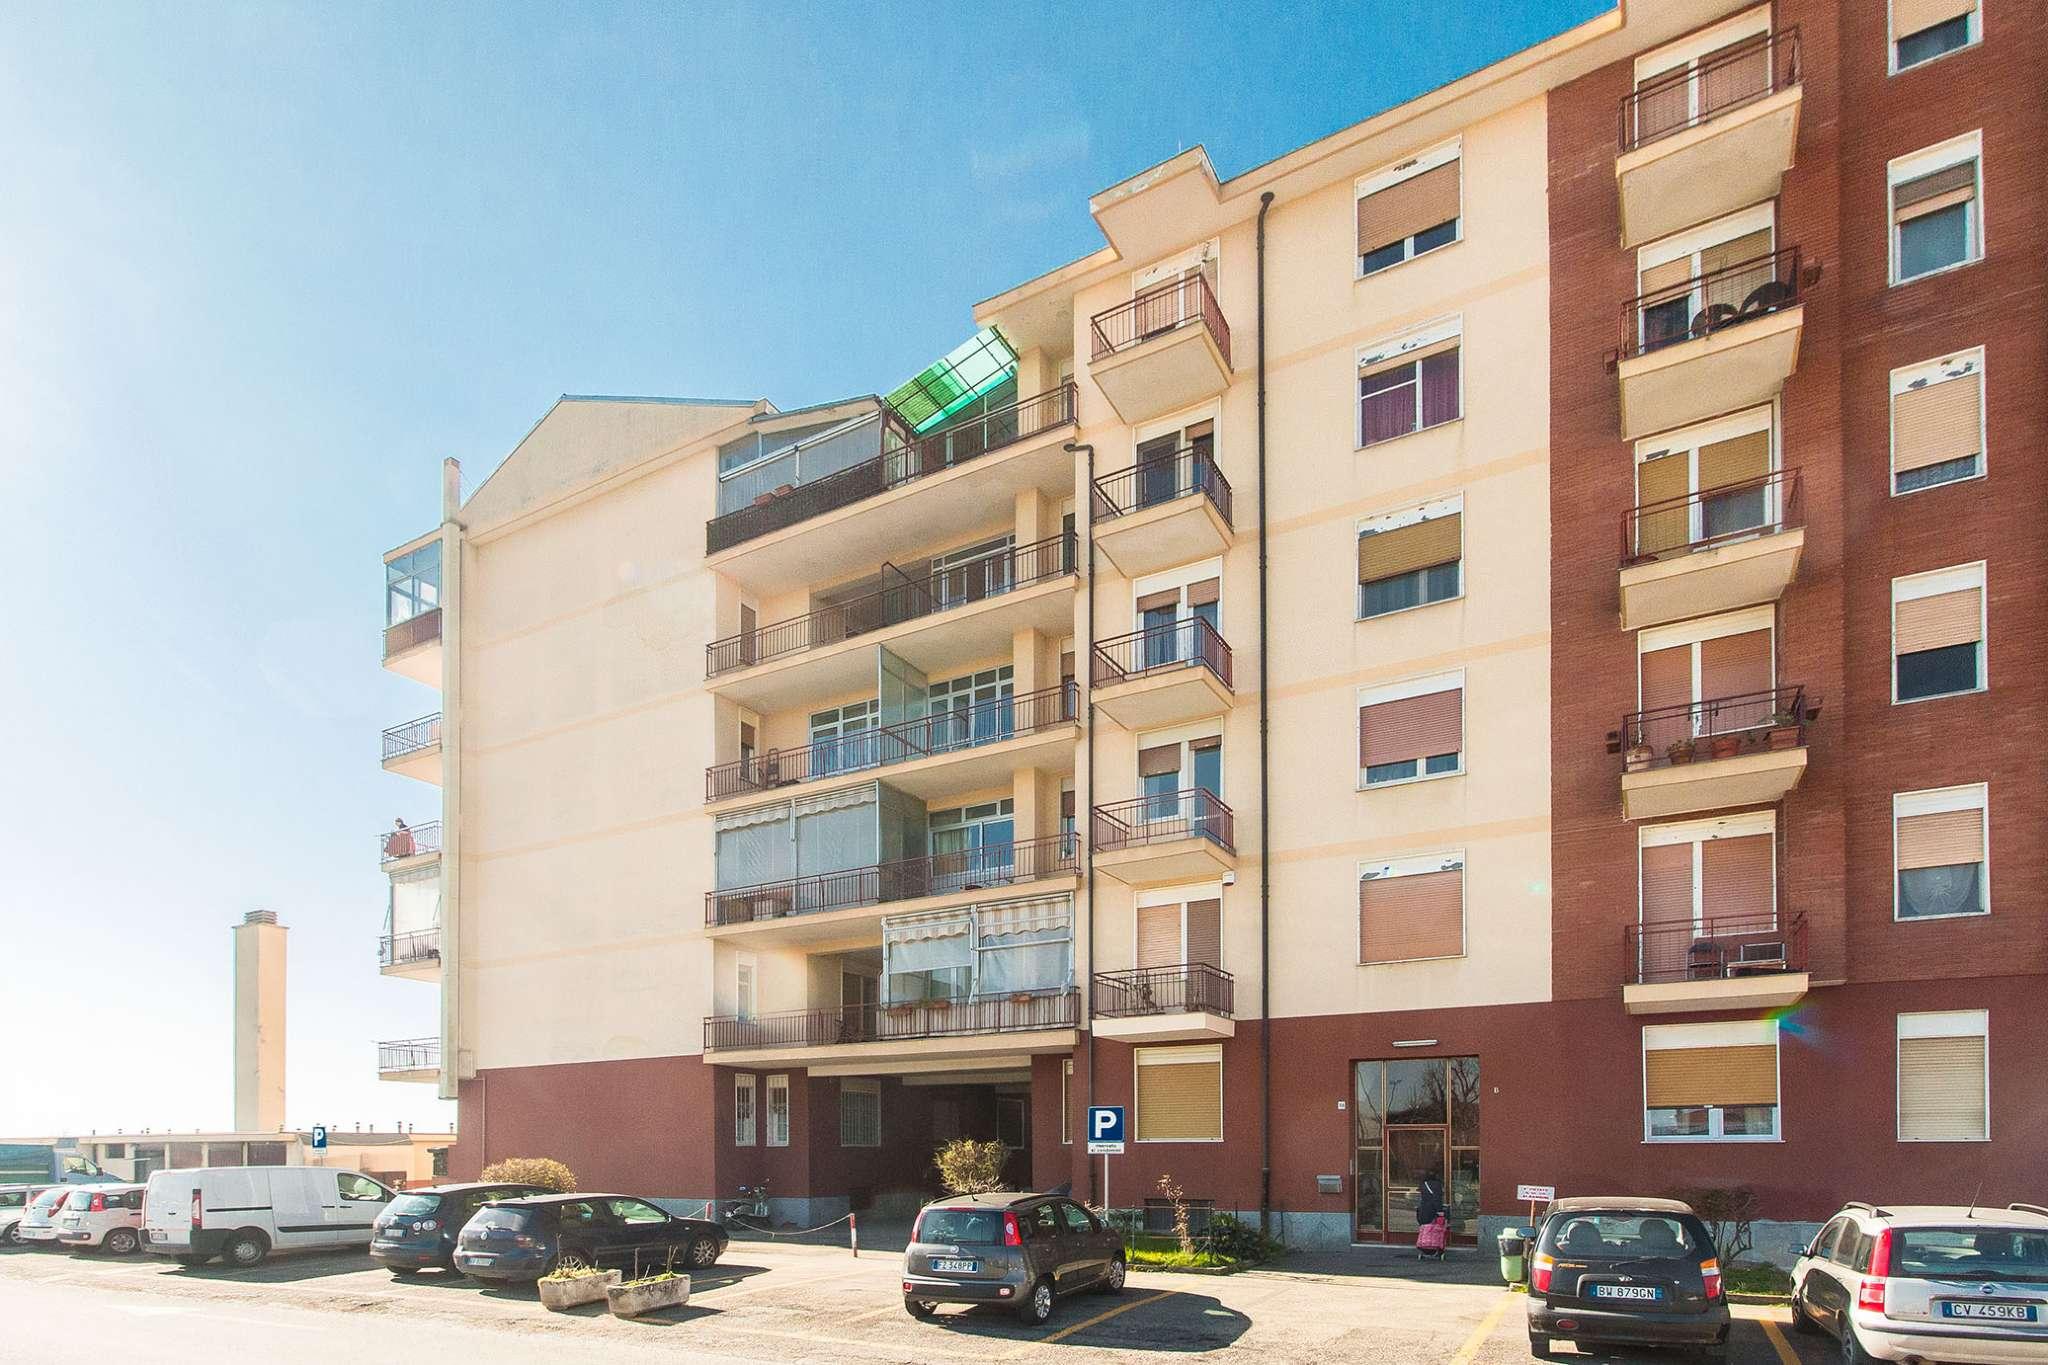 Appartamento in vendita a Vinovo, 3 locali, prezzo € 89.000 | PortaleAgenzieImmobiliari.it